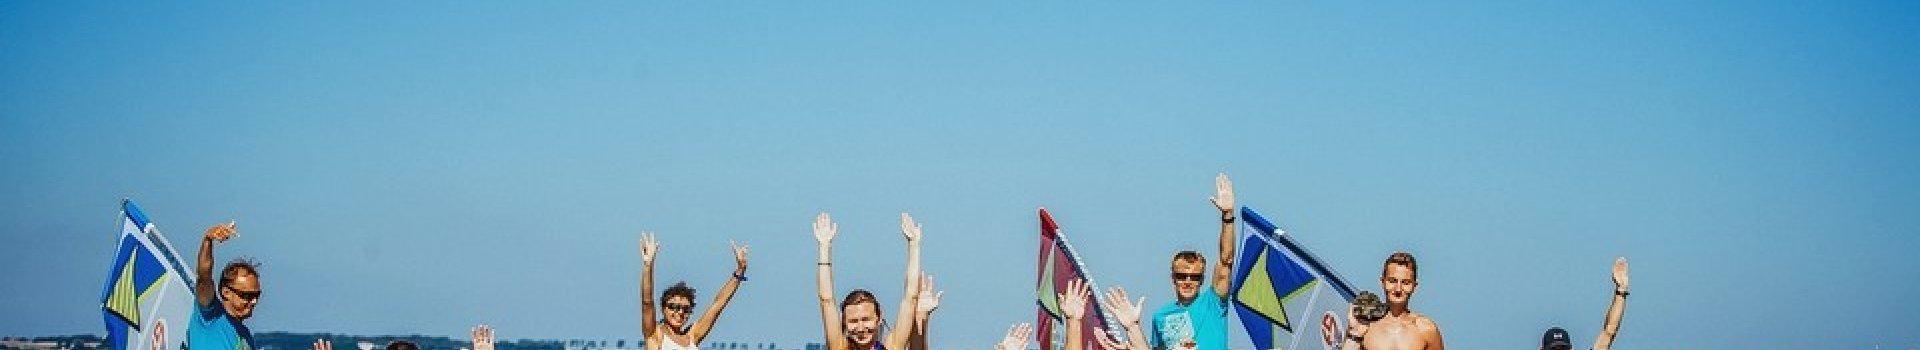 Instruktorzy w naszej szkole wind&kite FunSurf.pl testują naszą ofertę!